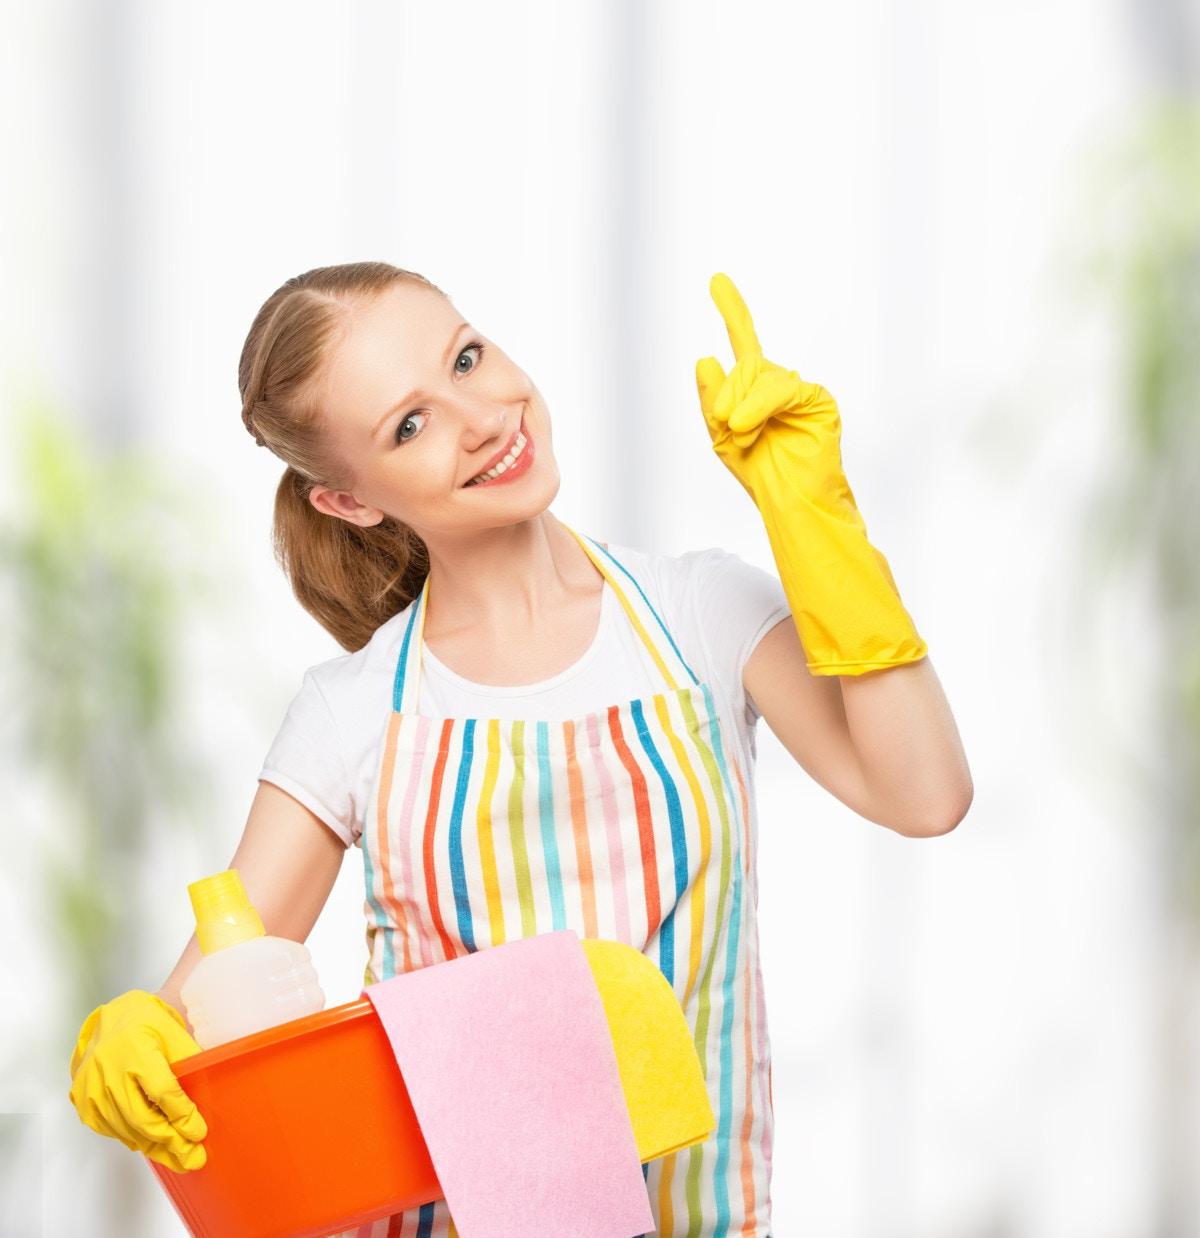 壁や壁紙の汚れ落としの方法まとめ ヤニやカビにおすすめの洗剤10選